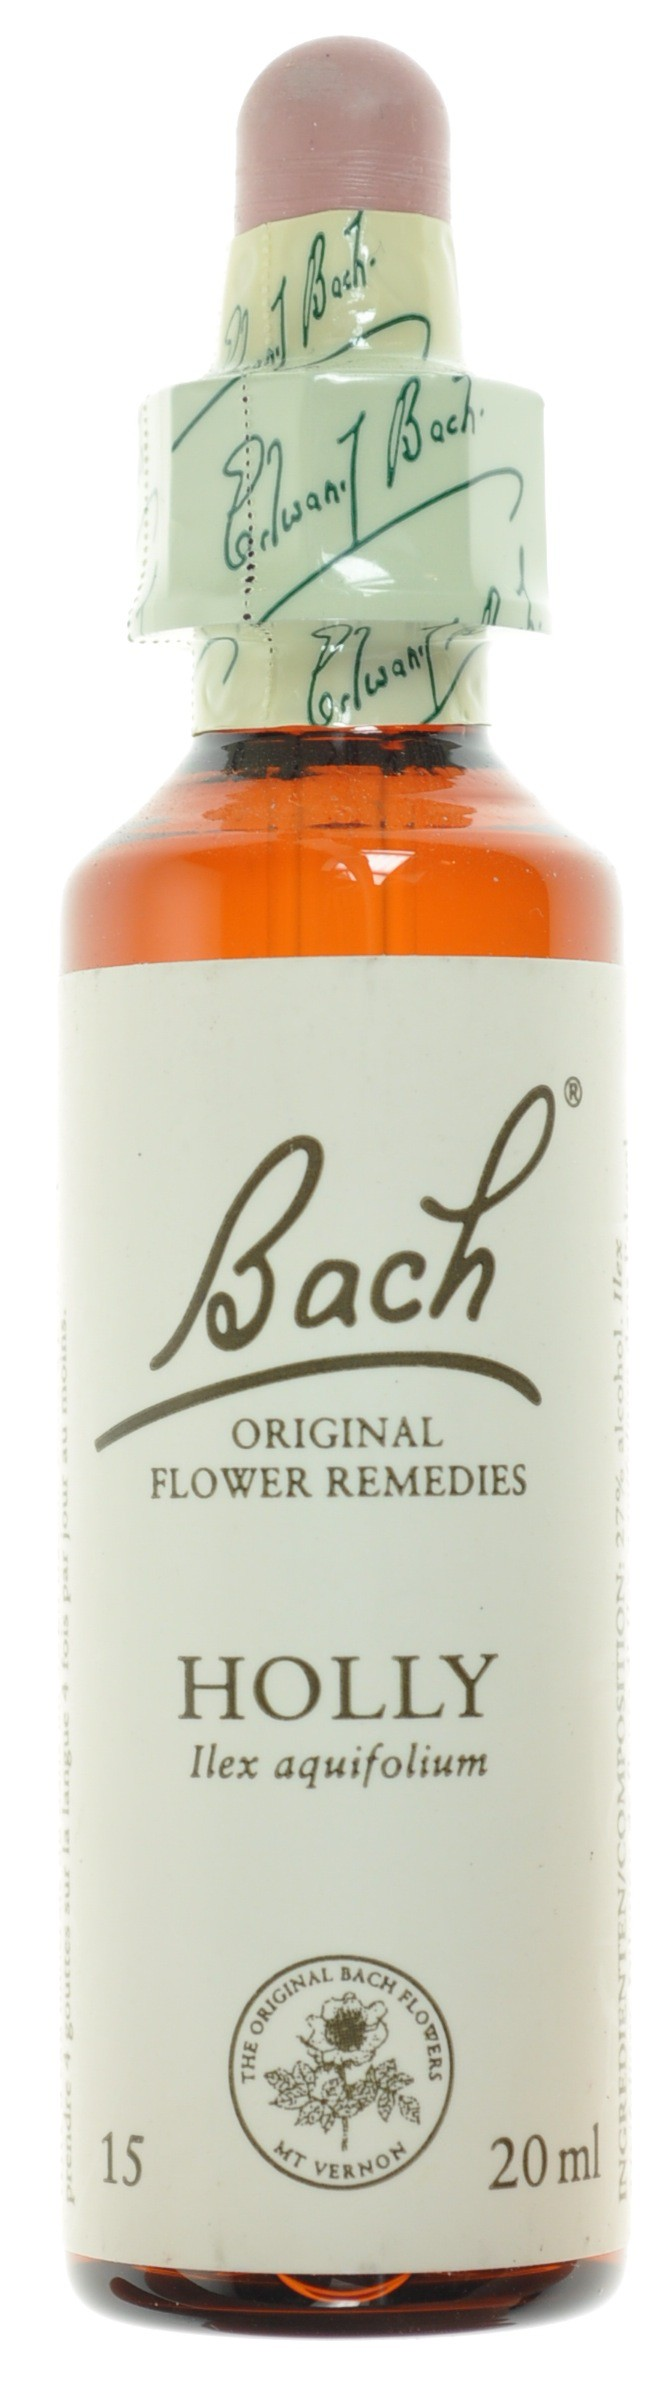 Fleurs de bach 15 holly 20ml acheter en ligne for Acheter fleurs en ligne